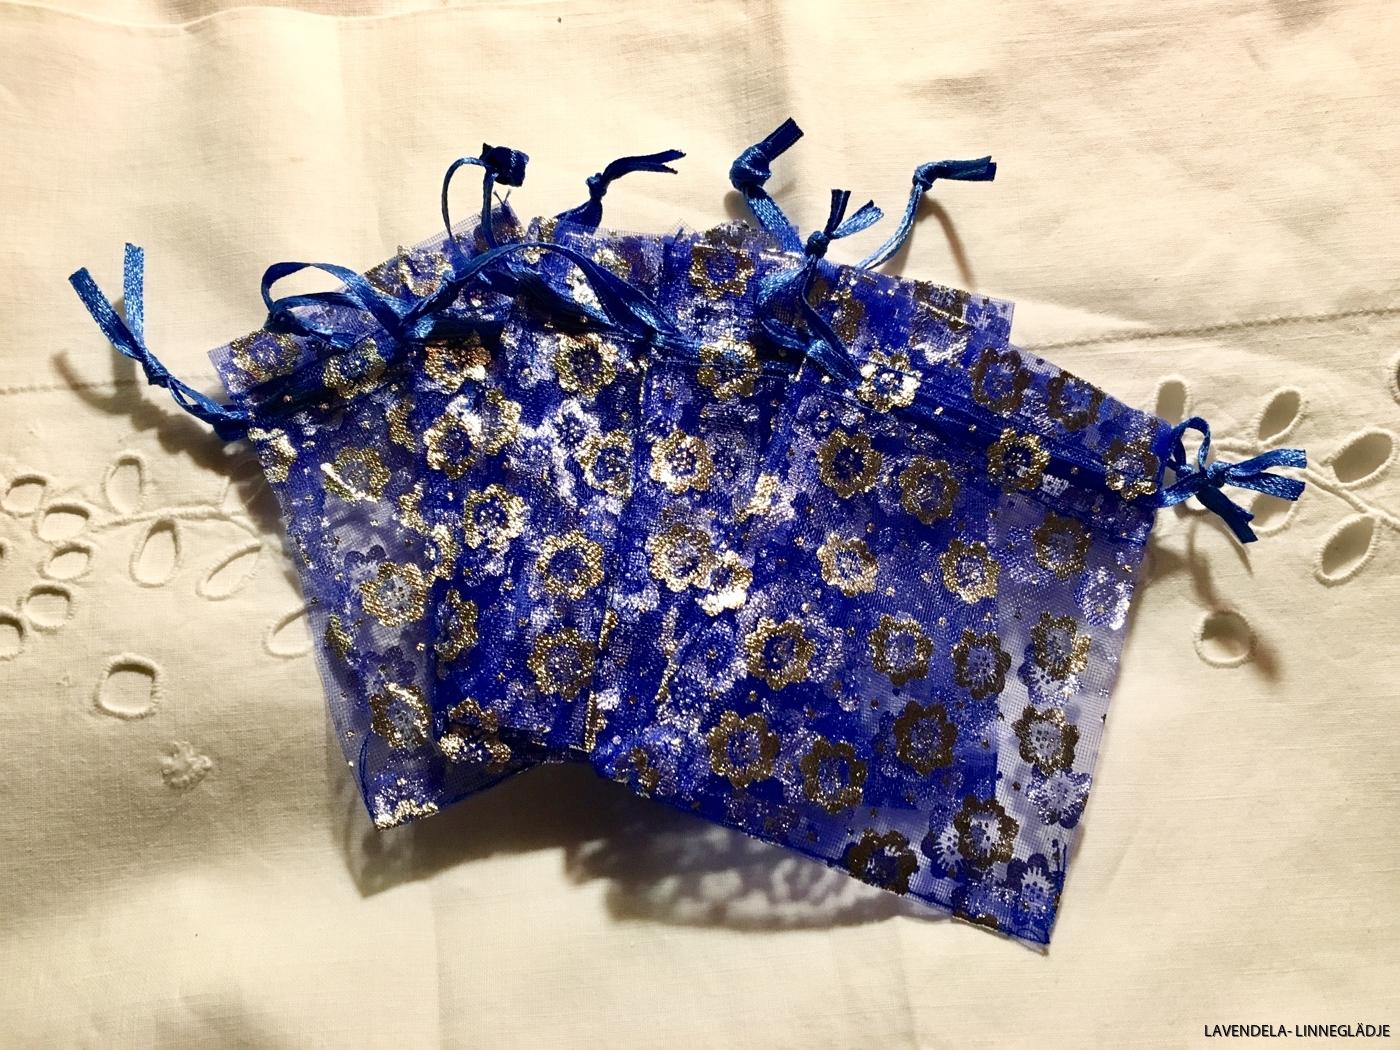 Organzapåsar i blått.